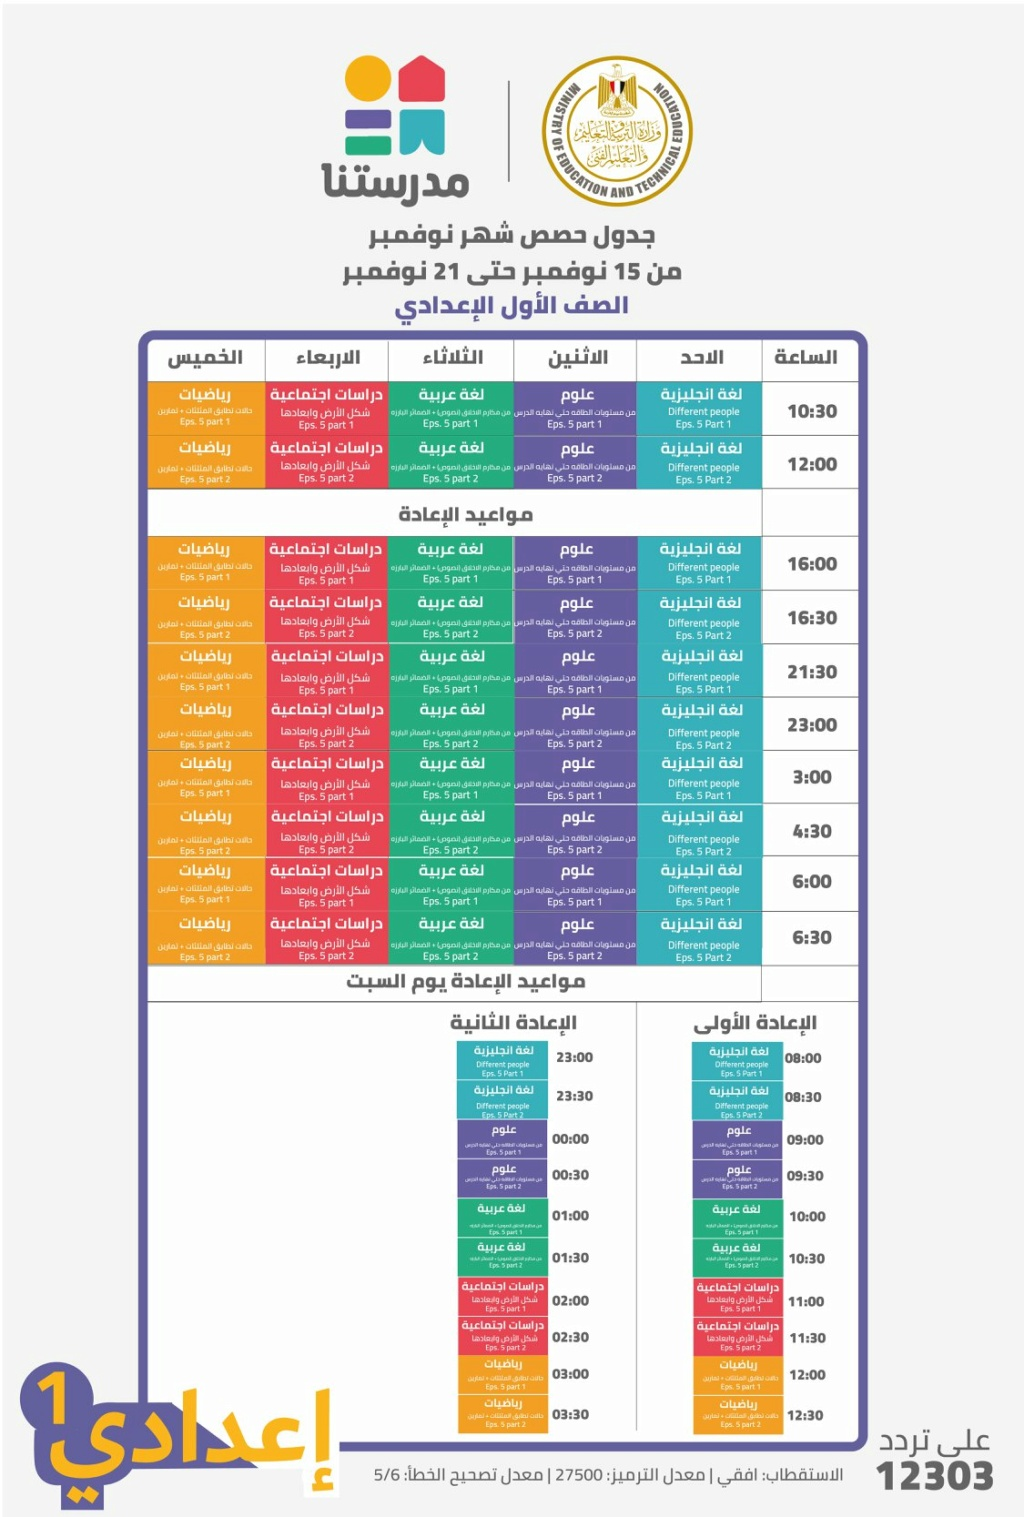 قناة مدرستنا l جدول حصص الأسبوع الخامس من الأحد 15 نوفمبر حتى السبت 21 نوفمبر 51201